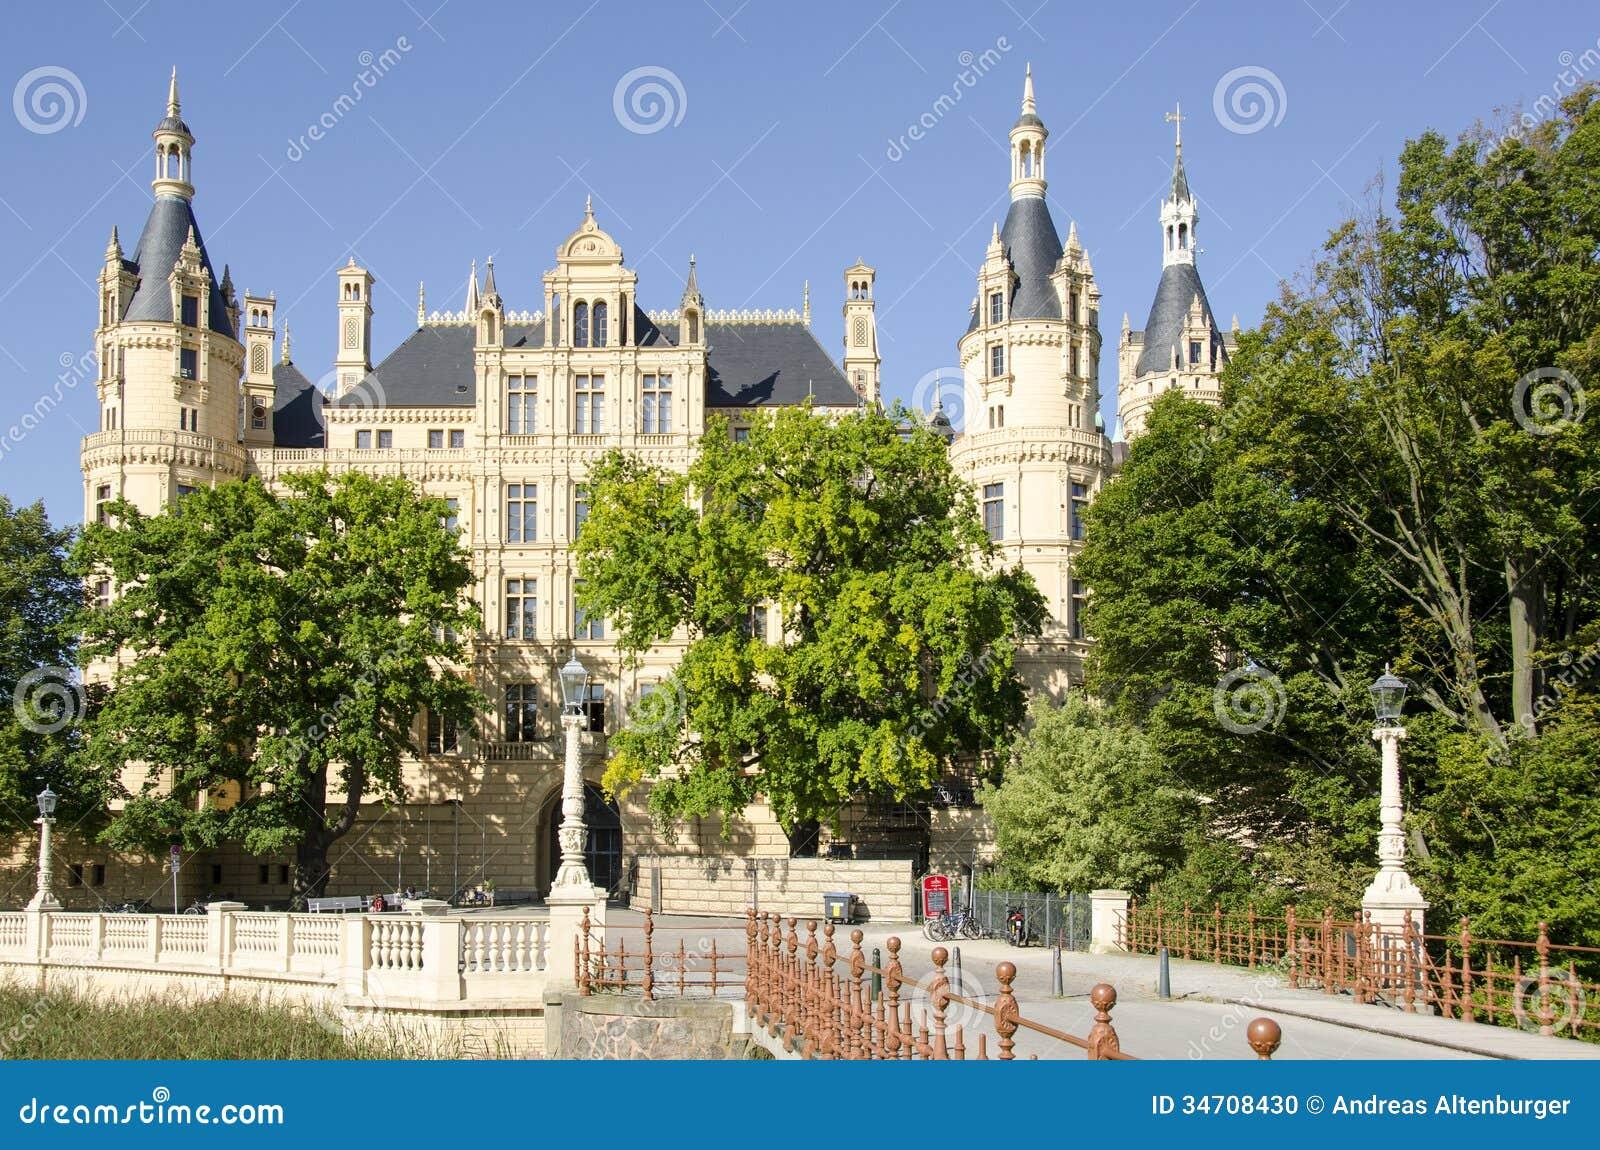 The castle of Schwerin in Schwerin, the capital of Mecklenburg ...